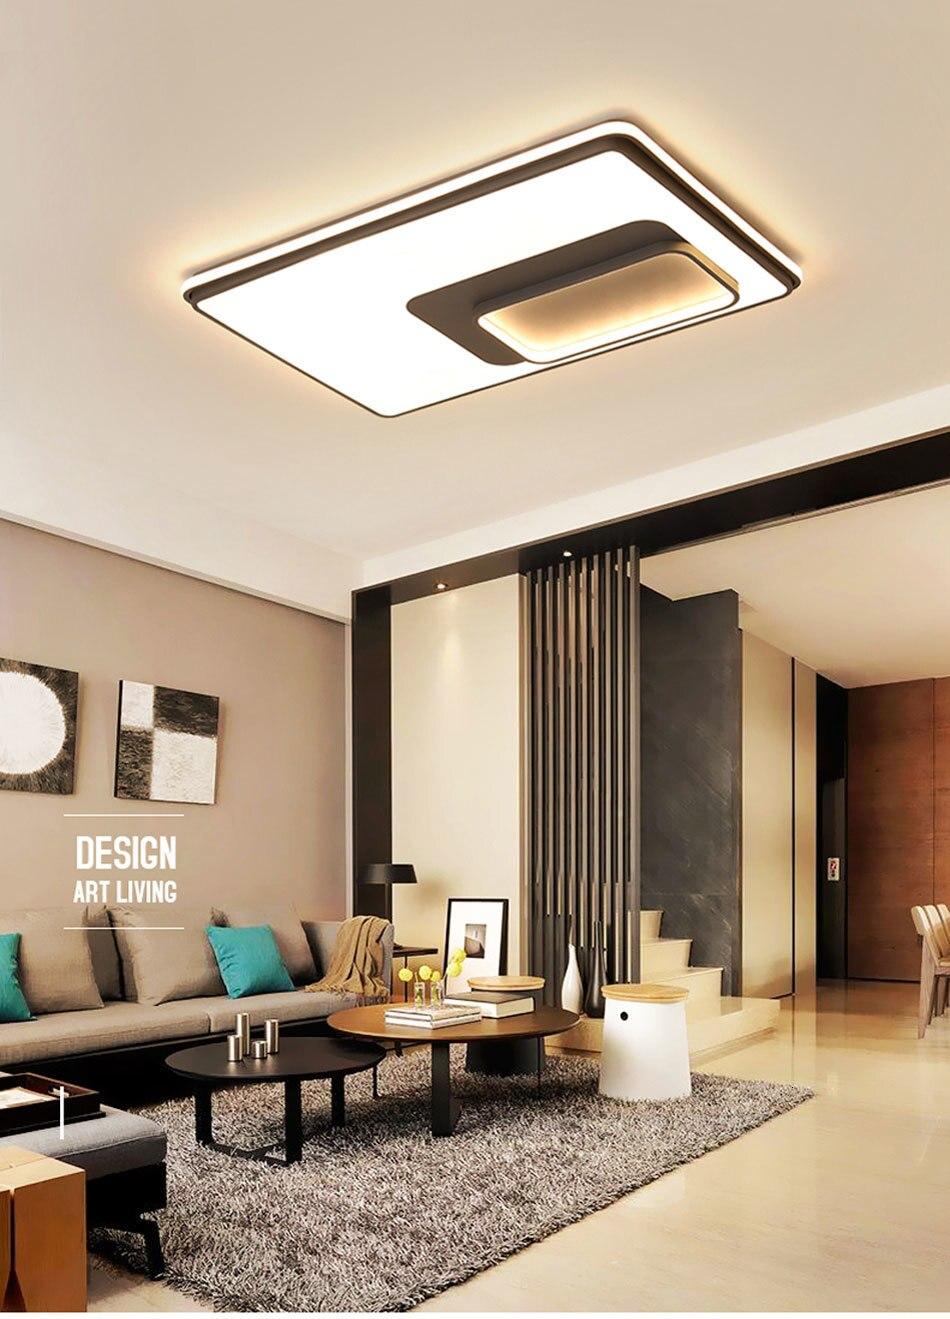 Ceiling lamp rectangular room lamp bedroom lighting simple modern living  room lamp led ceiling lamp